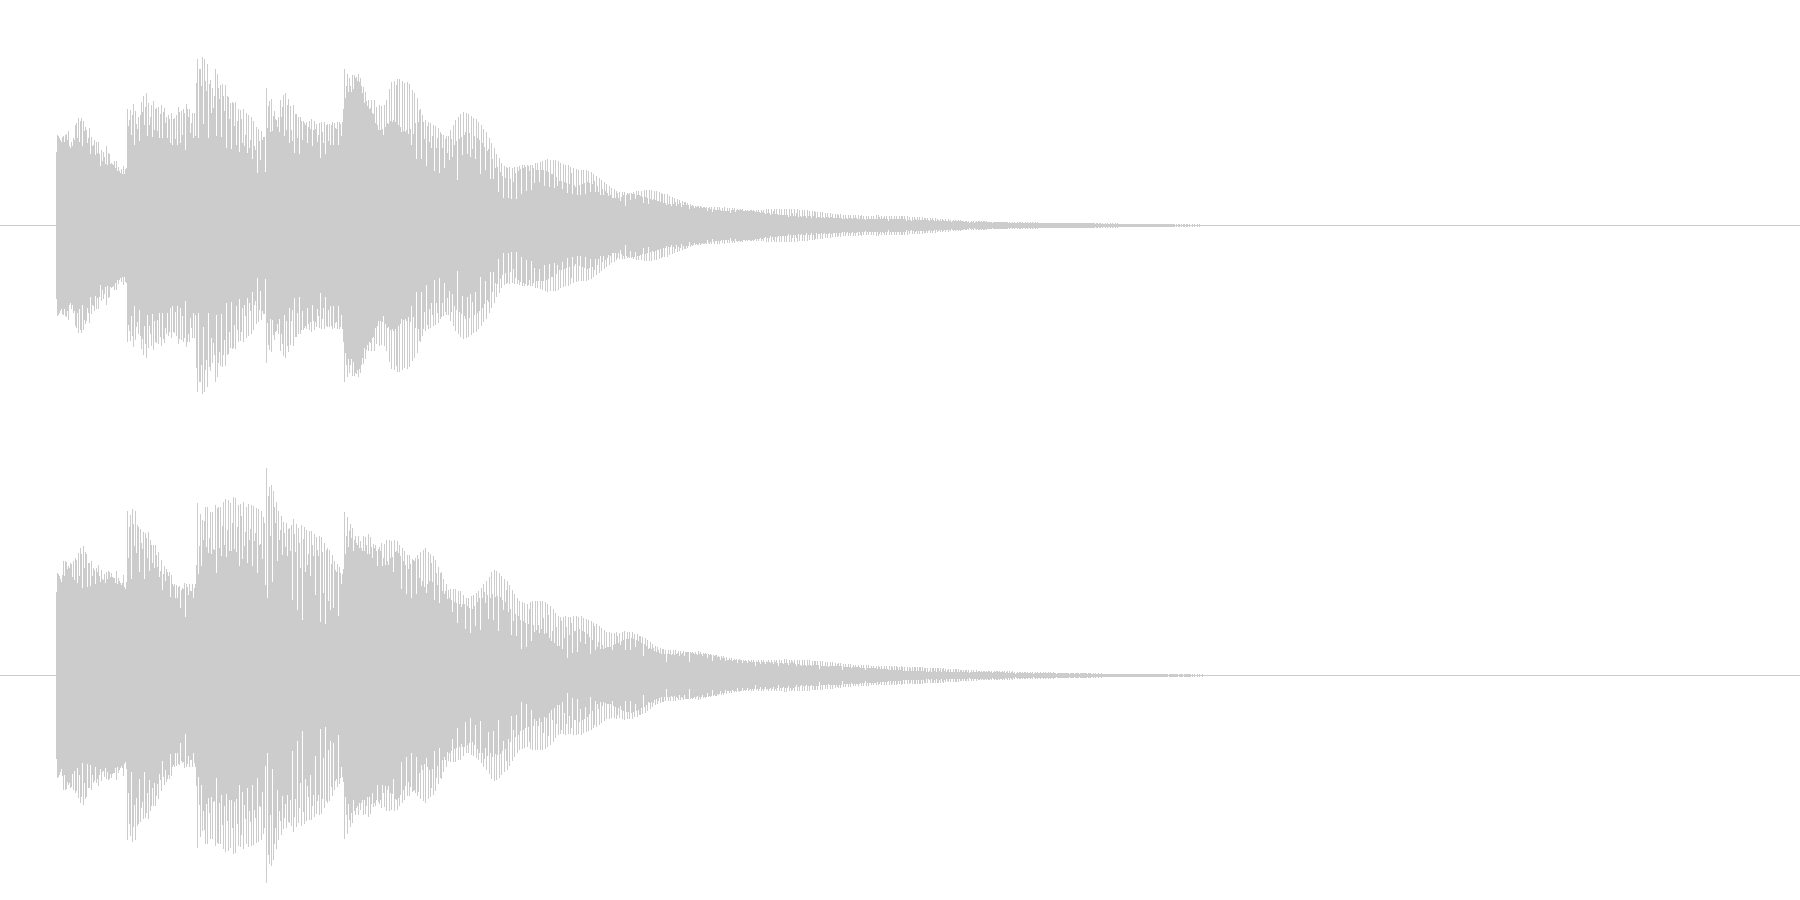 アイドルSE3 スタート音 豪華決定音の未再生の波形